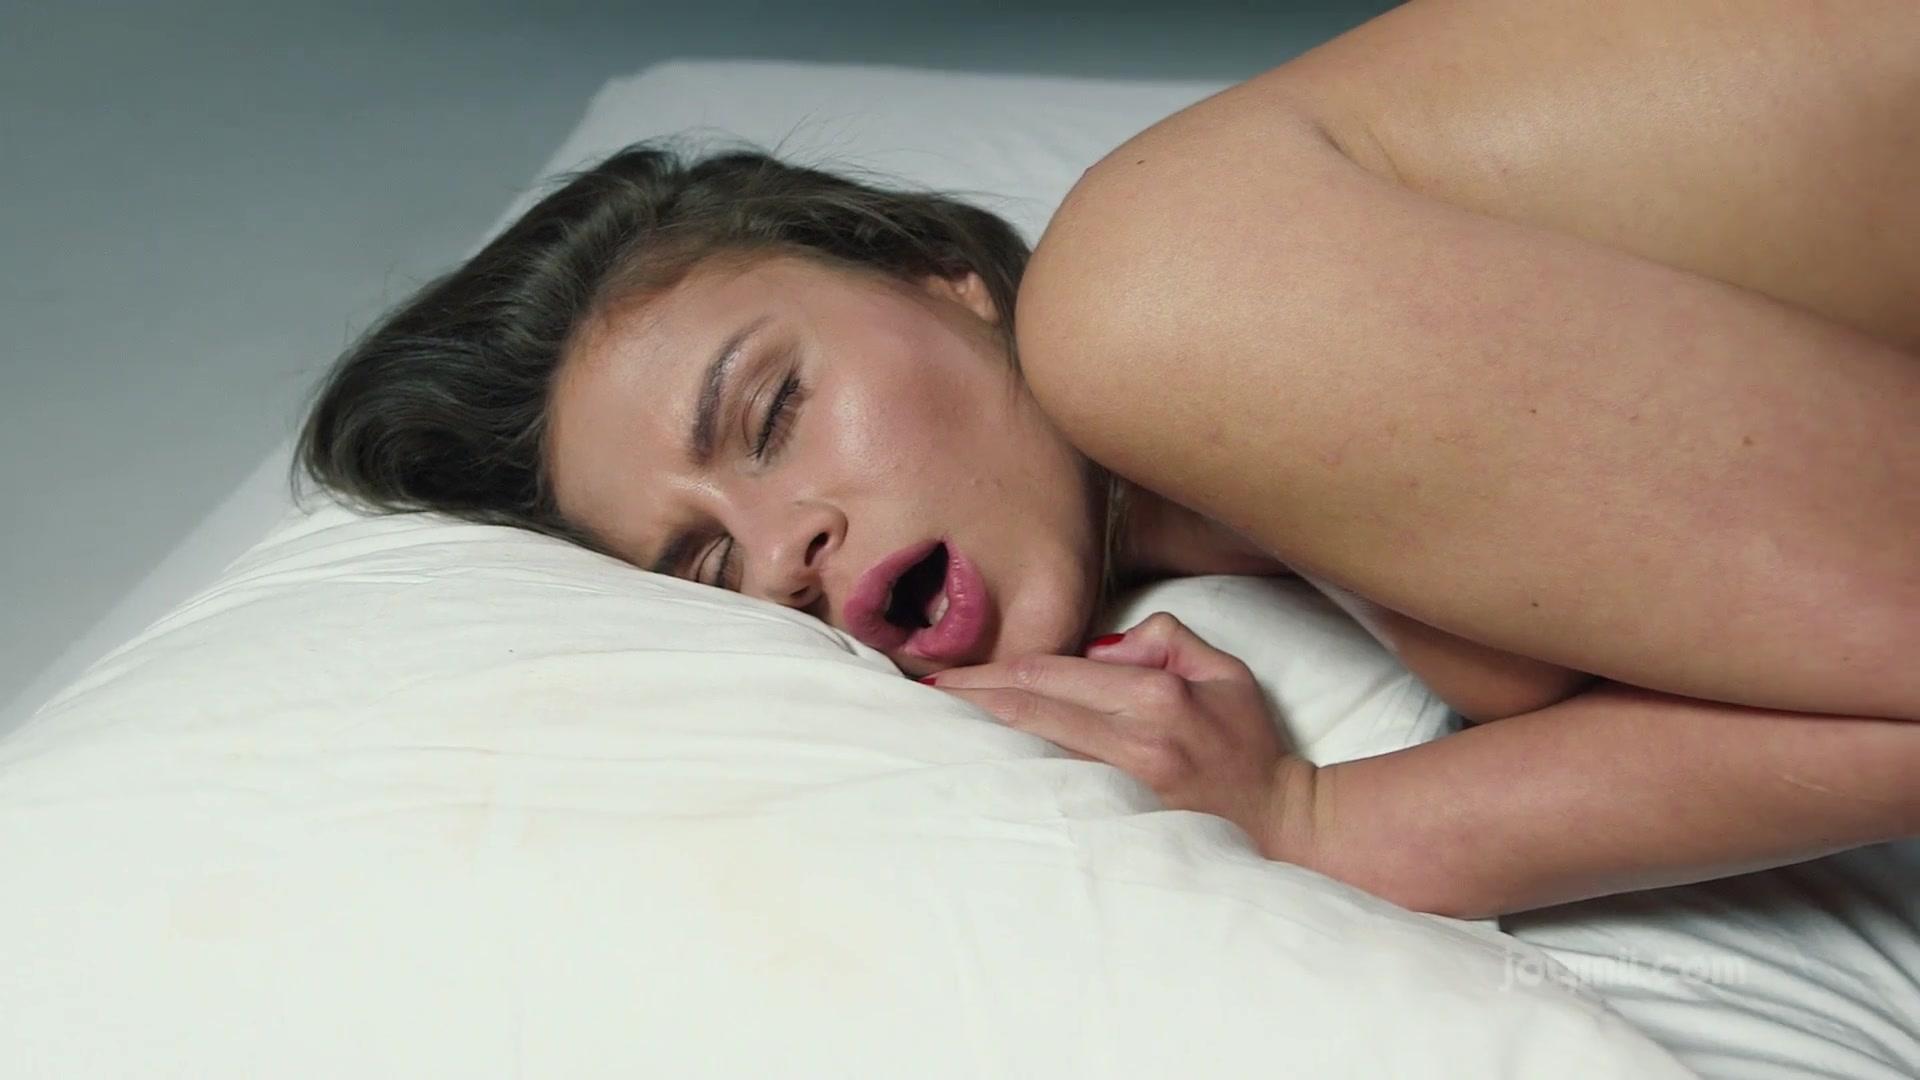 analniy-seks-konchil-v-pizdu-foto-snyat-prostitutku-na-planernom